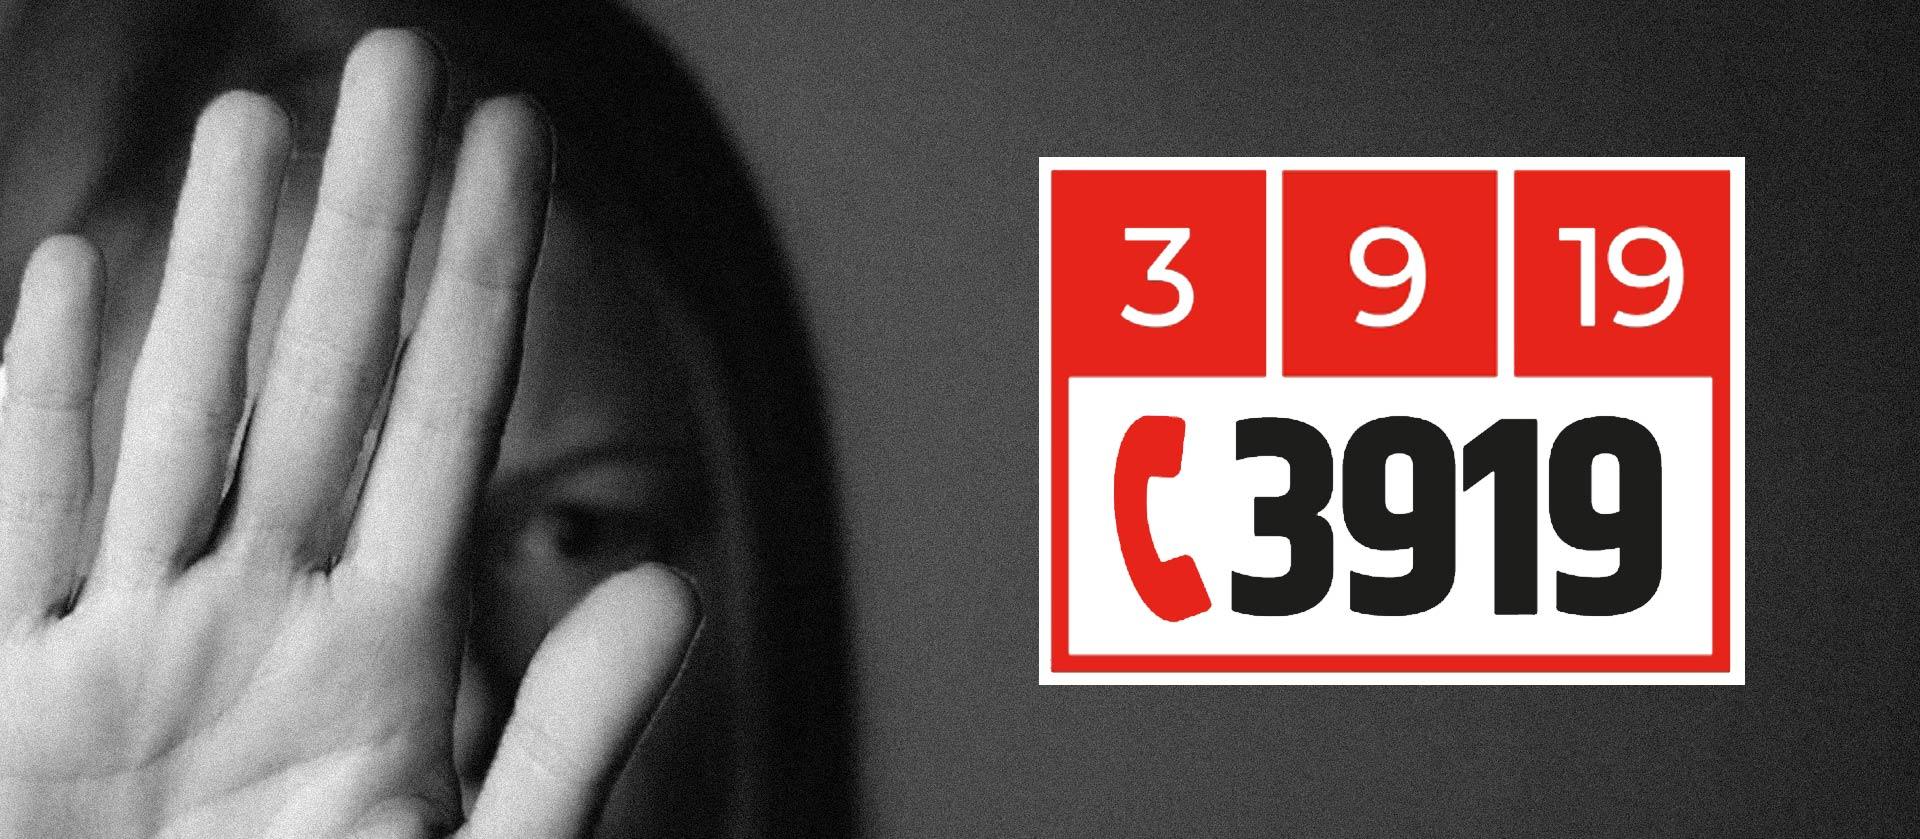 Les Actions du Grenelle 2019 contre les Violences conjugales dans le Var